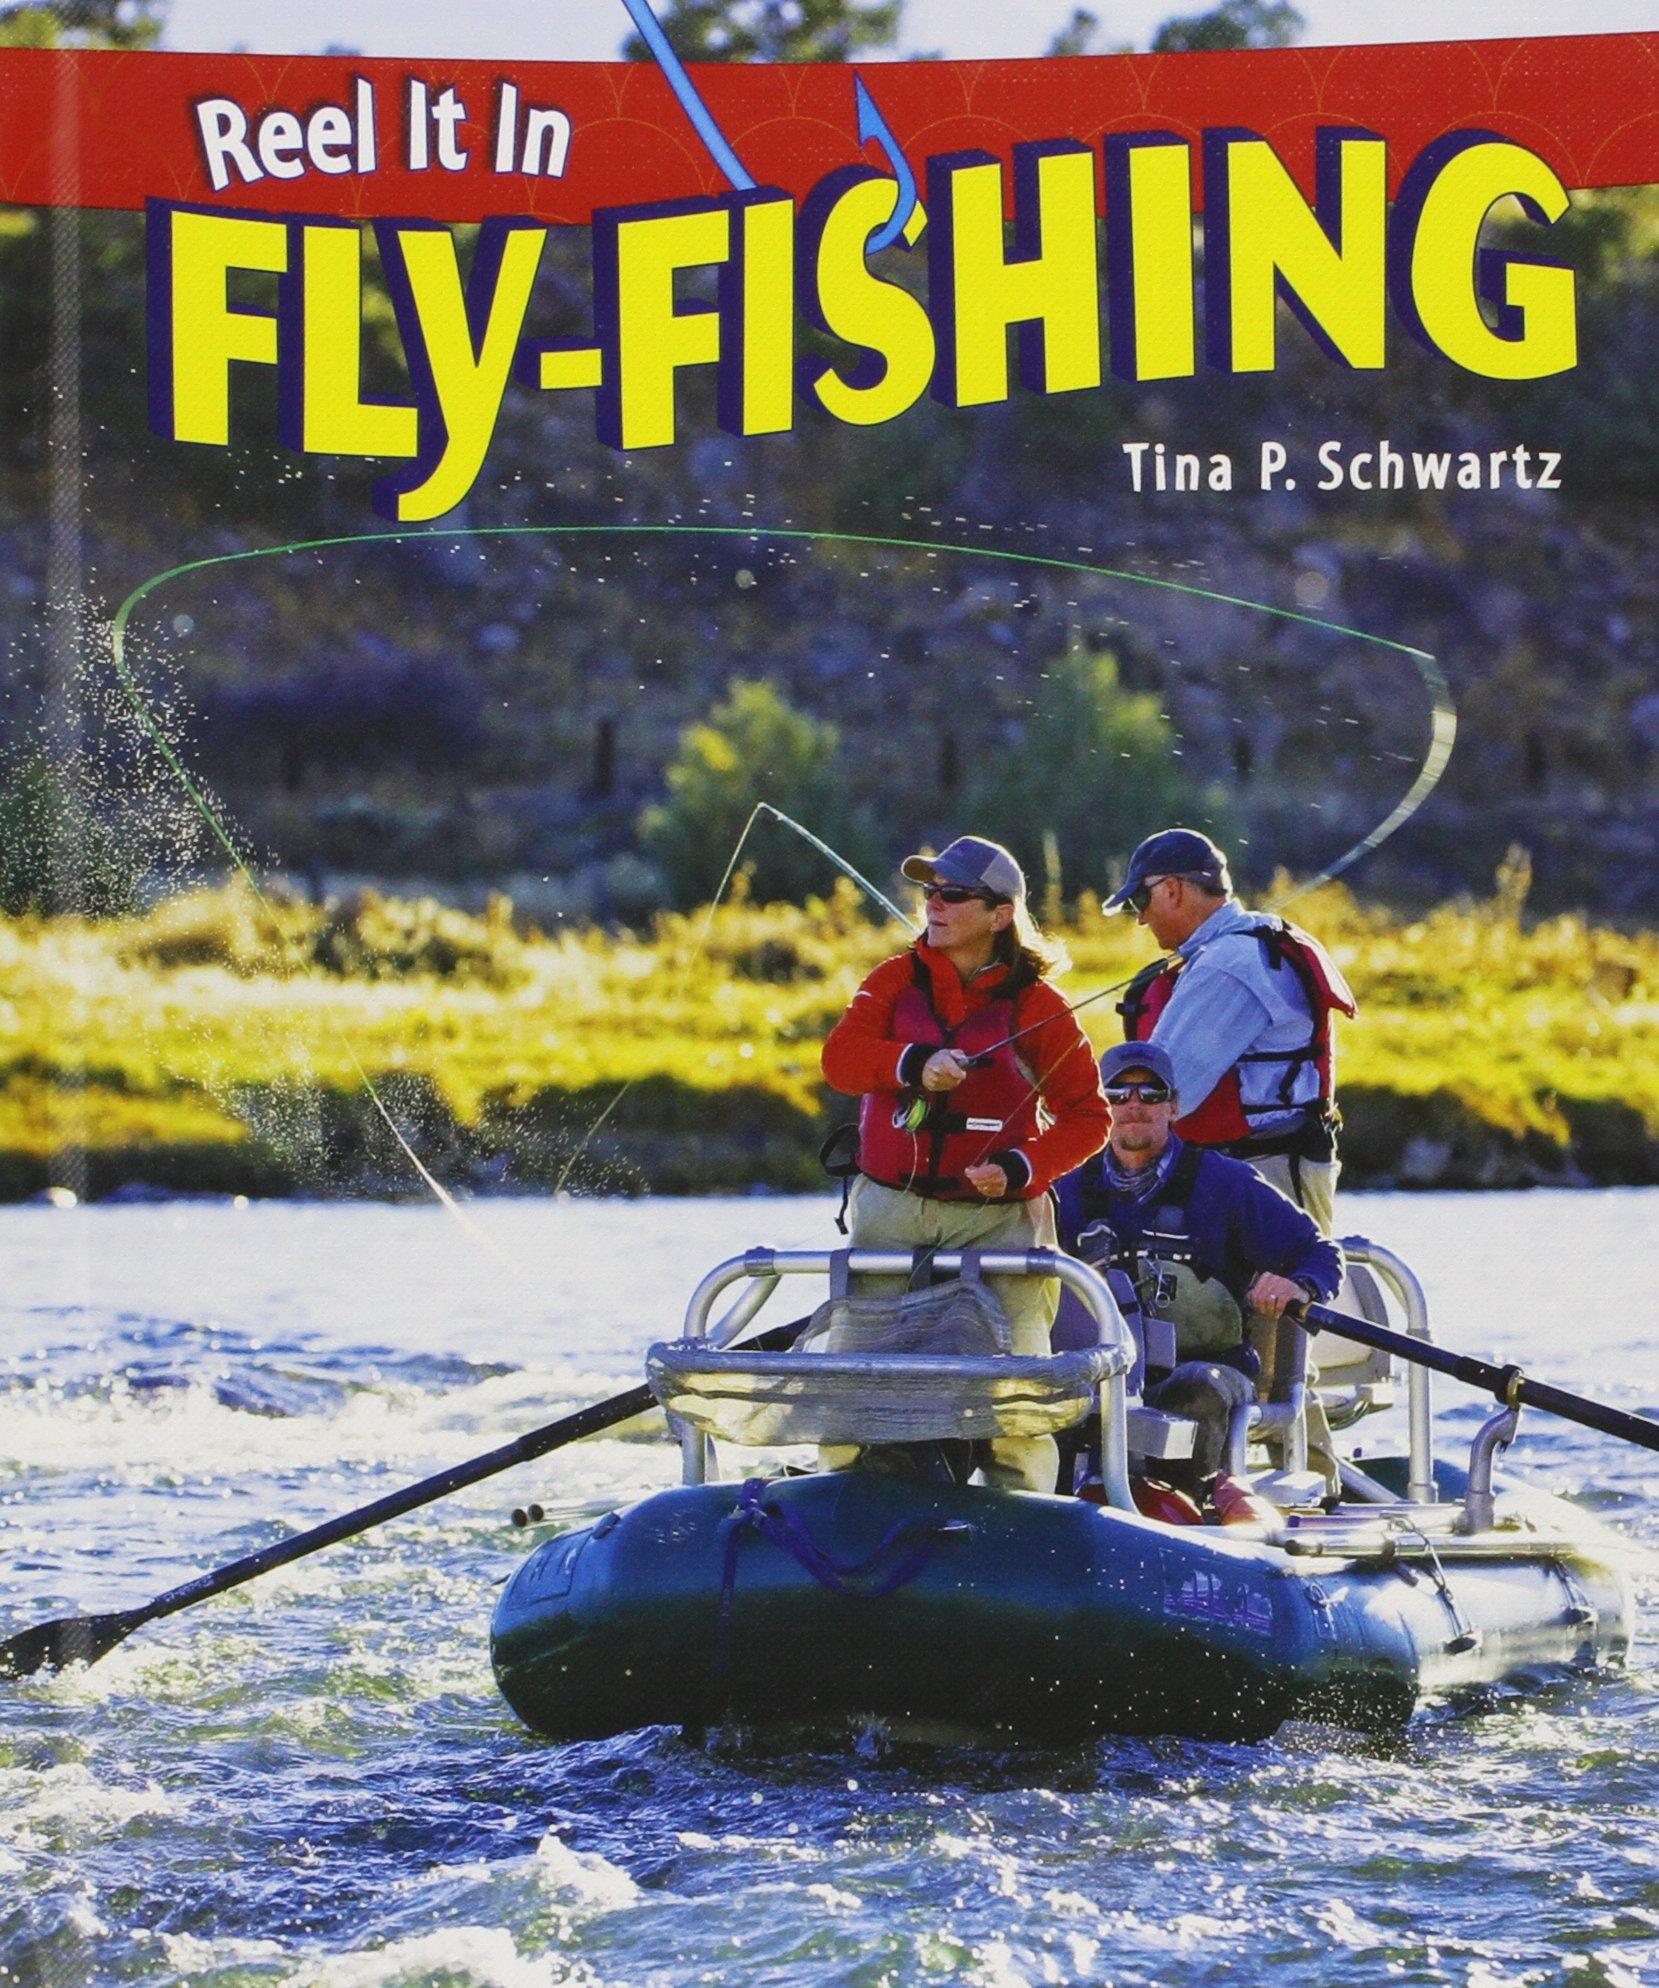 Fly-Fishing (Reel It in)